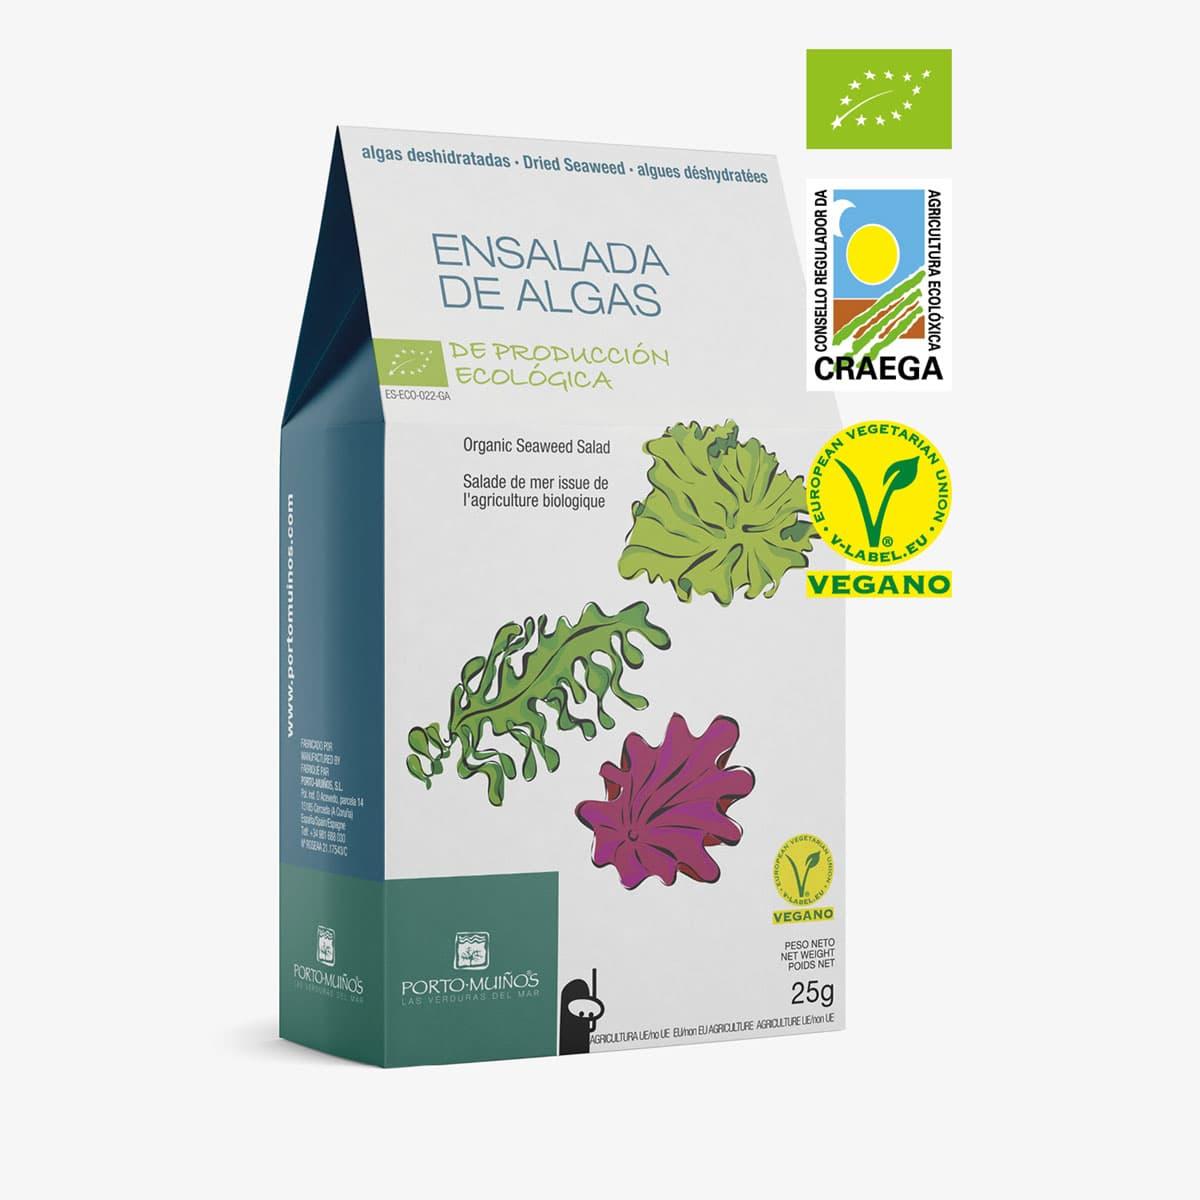 Ensalada de algas deshidratadas ecológica